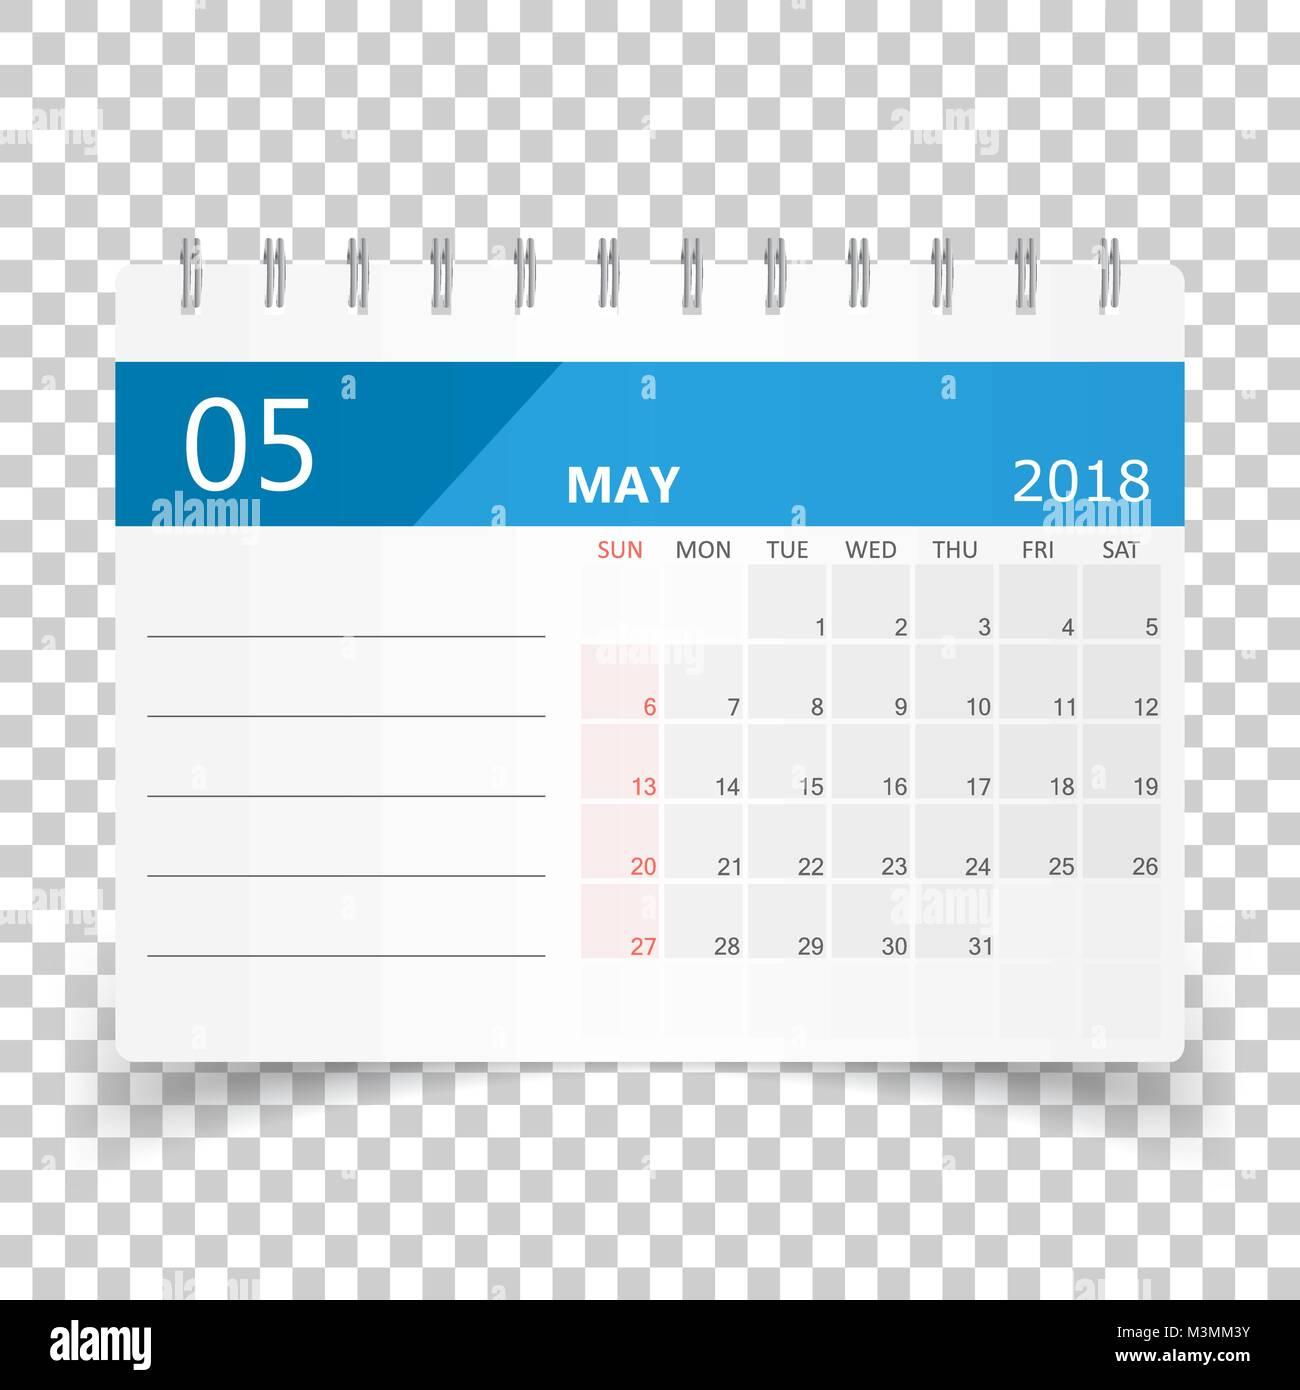 Groß Freie Woche Kalender Vorlage Bilder - Bilder für das Lebenslauf ...